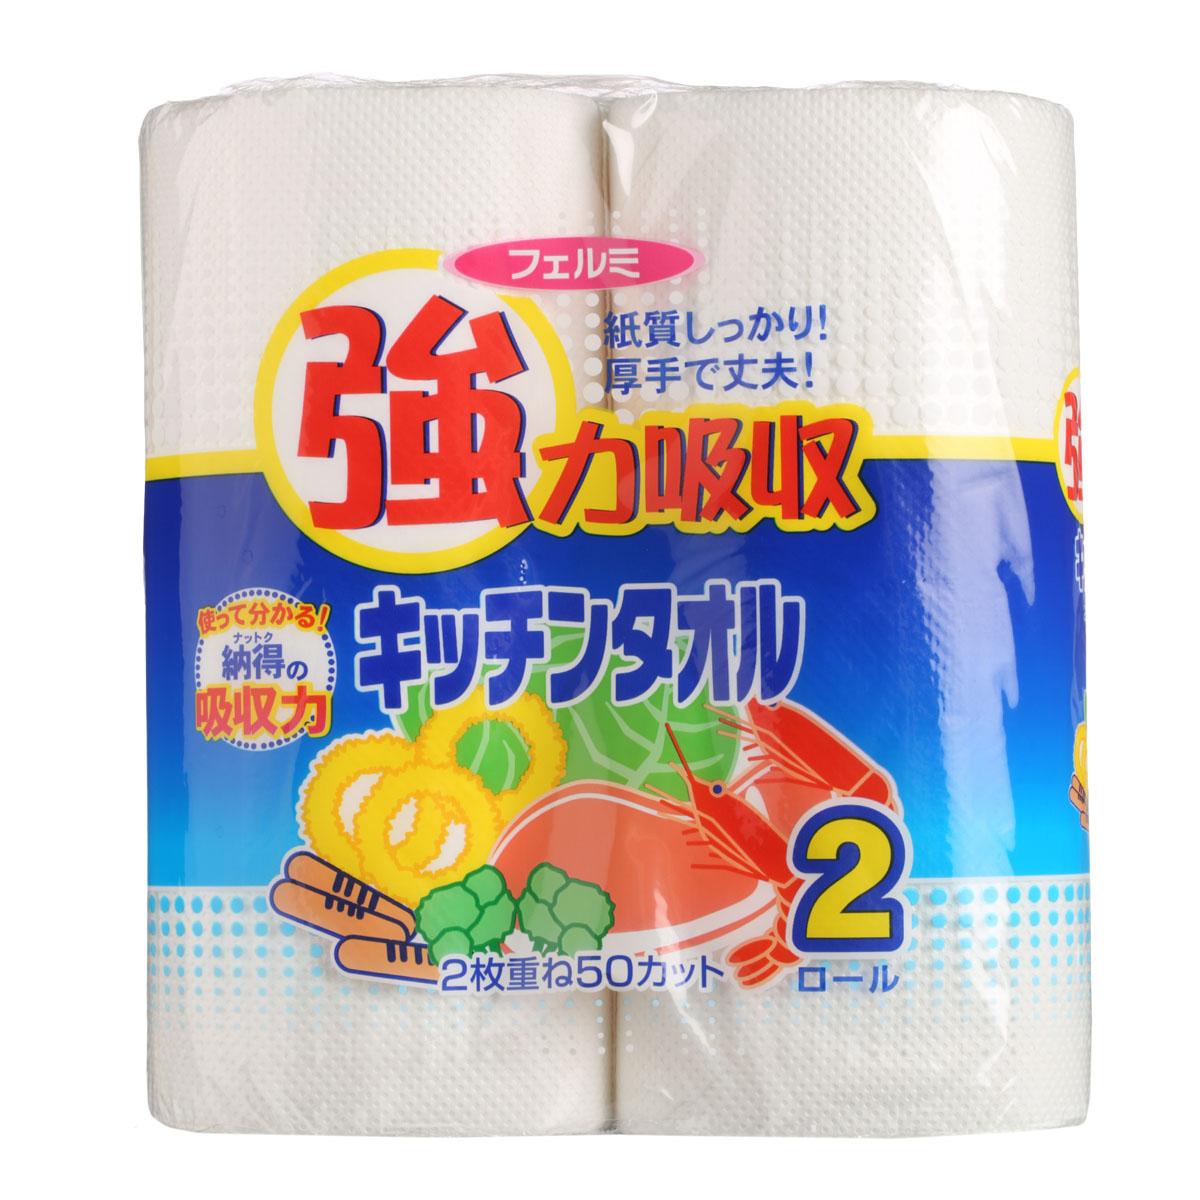 Бумажные полотенца для кухни IDESHIGYO DUE, 2-х слойные, 2 шт10503Бумажные полотенца для кухни IDE отличаются повышенной впитываемостью. Это обеспечивается 2 – х слойной толщиной материала. Мягкие, очень приятные на ощупь, но в то же время достаточно прочные и не рвутся при намокании.Кухонные бумажные полотенца изготовлены из природных материалов и воды из источников Фудзи.Бумажные полотенца всегда найдут себе применение: они прекрасно удаляют с поверхностей разлитые жидкости, впитывают влагу и жир, используются для протирания столов, стёкол и окон, плит, кухонной мебели.Состав: натуральная 100% целлюлоза.Срок годности не ограничен.